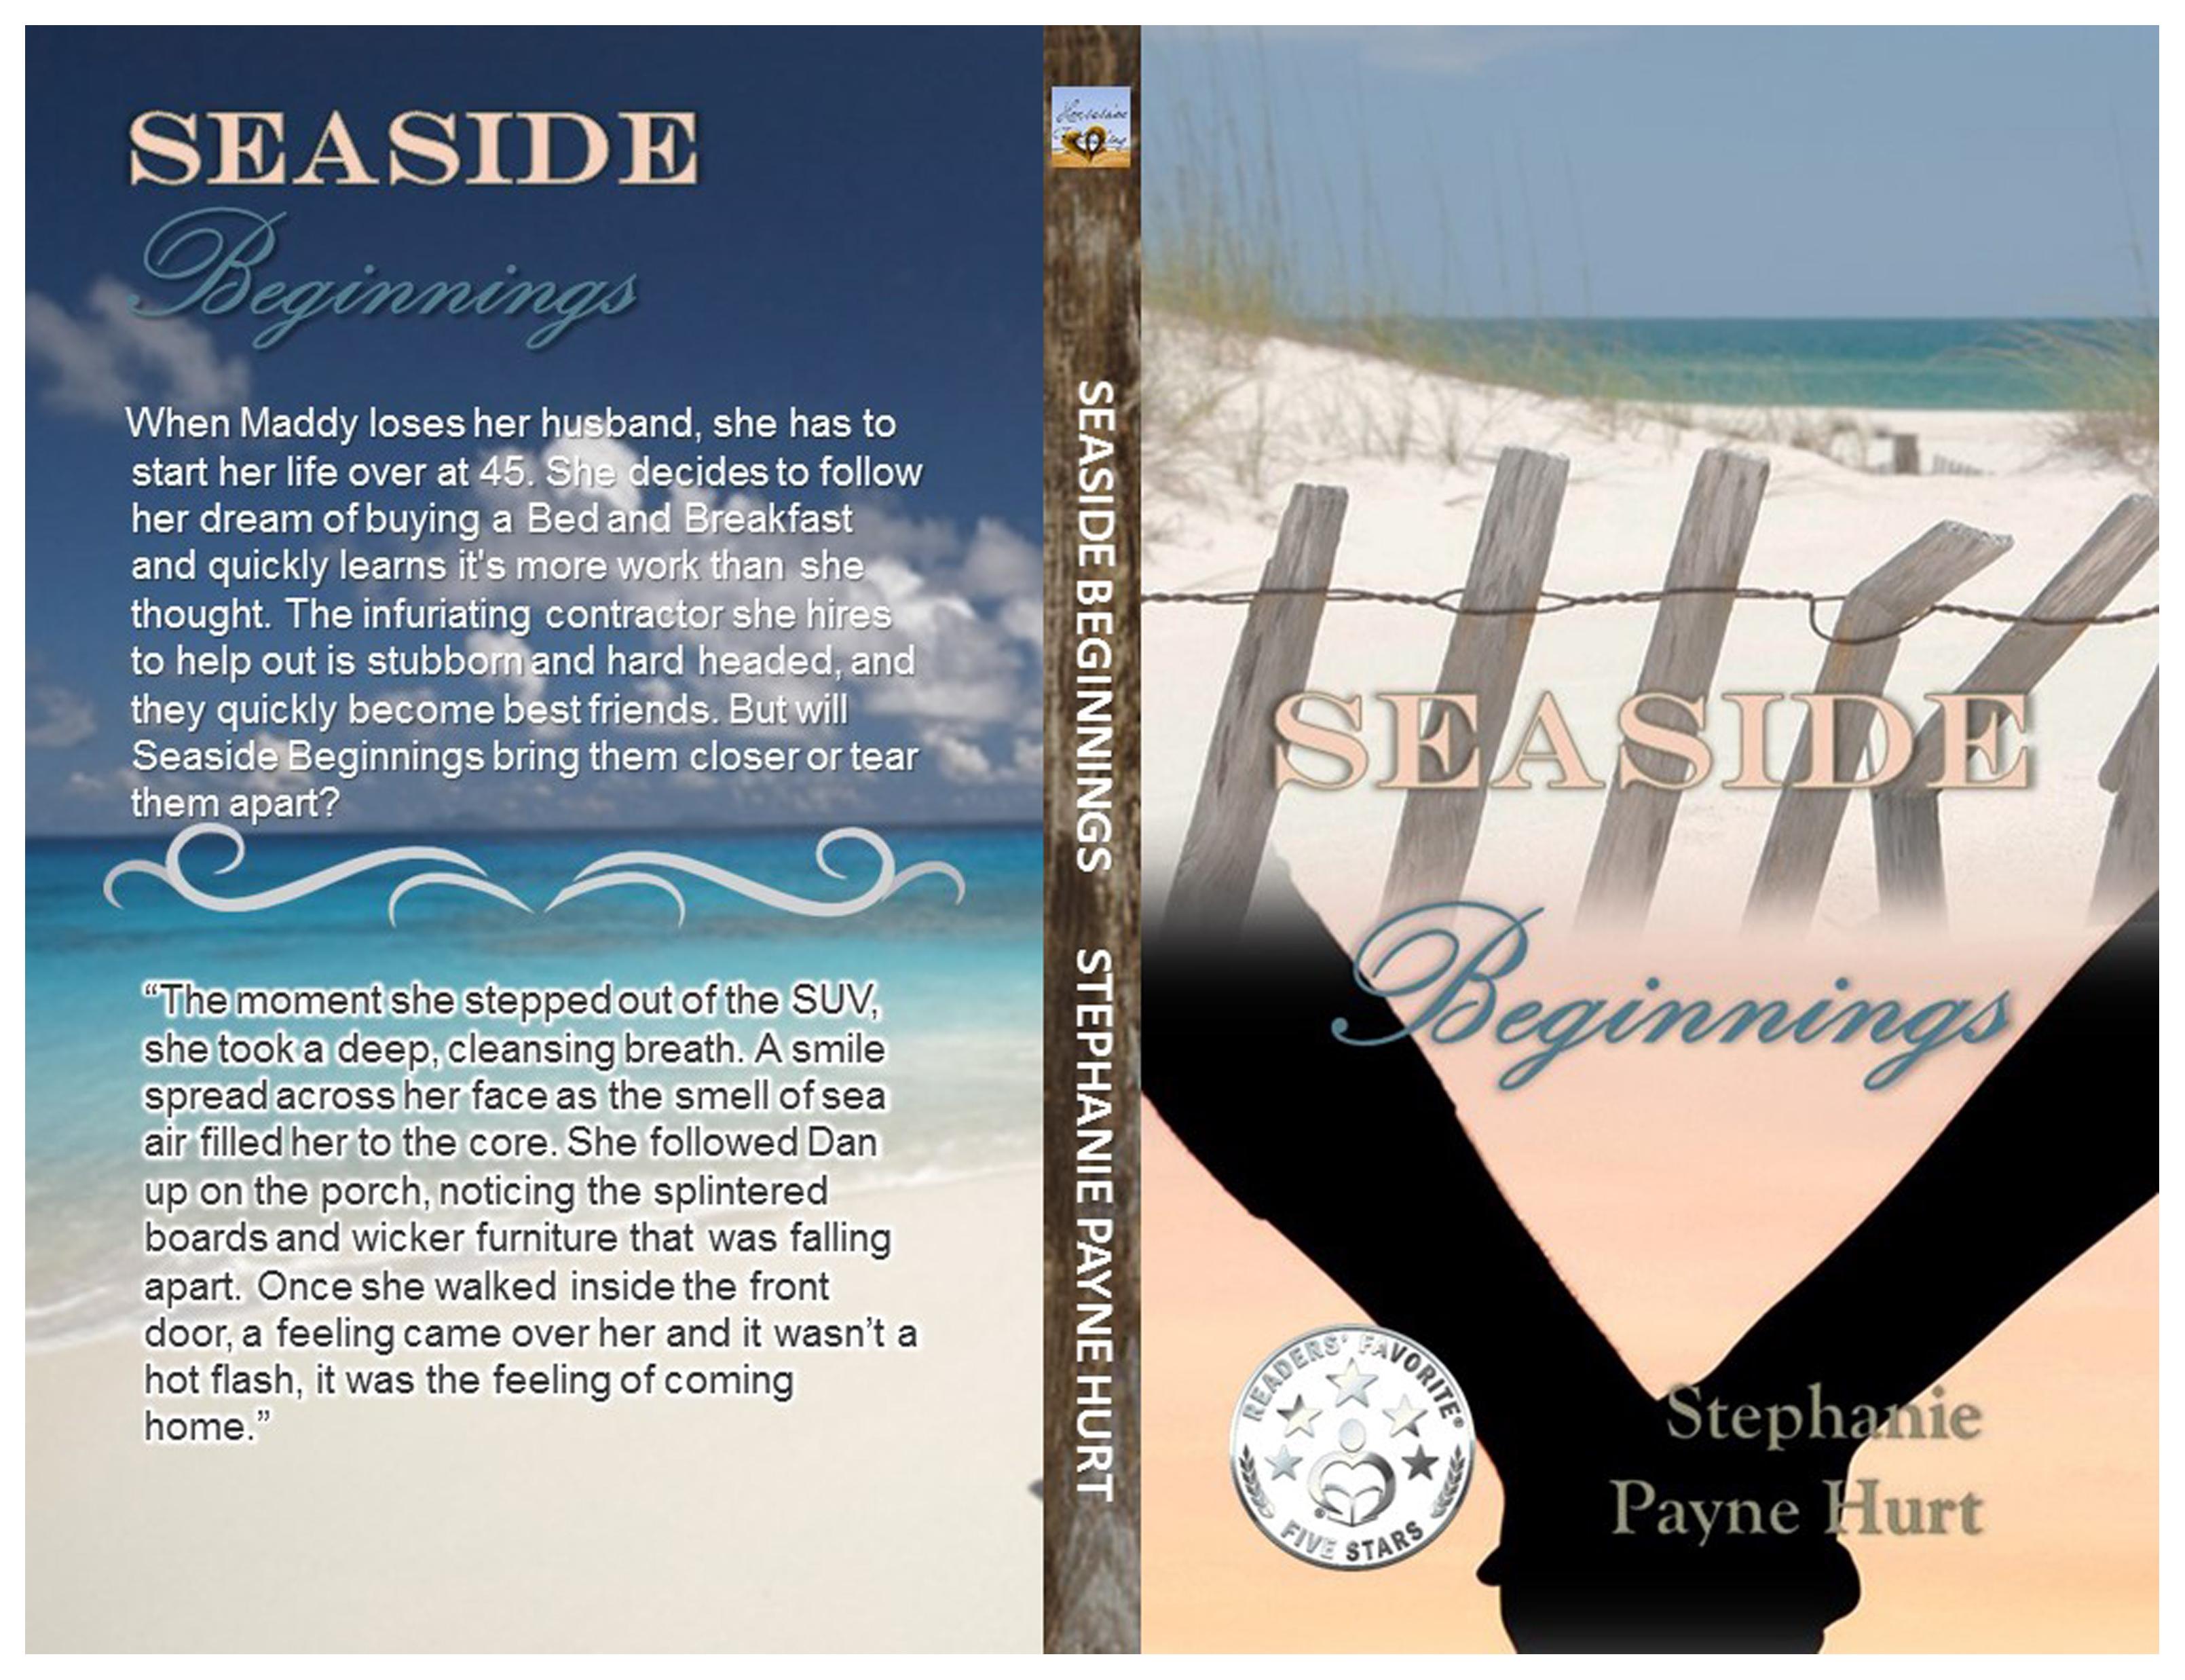 seaside beginnings full cover.jpg